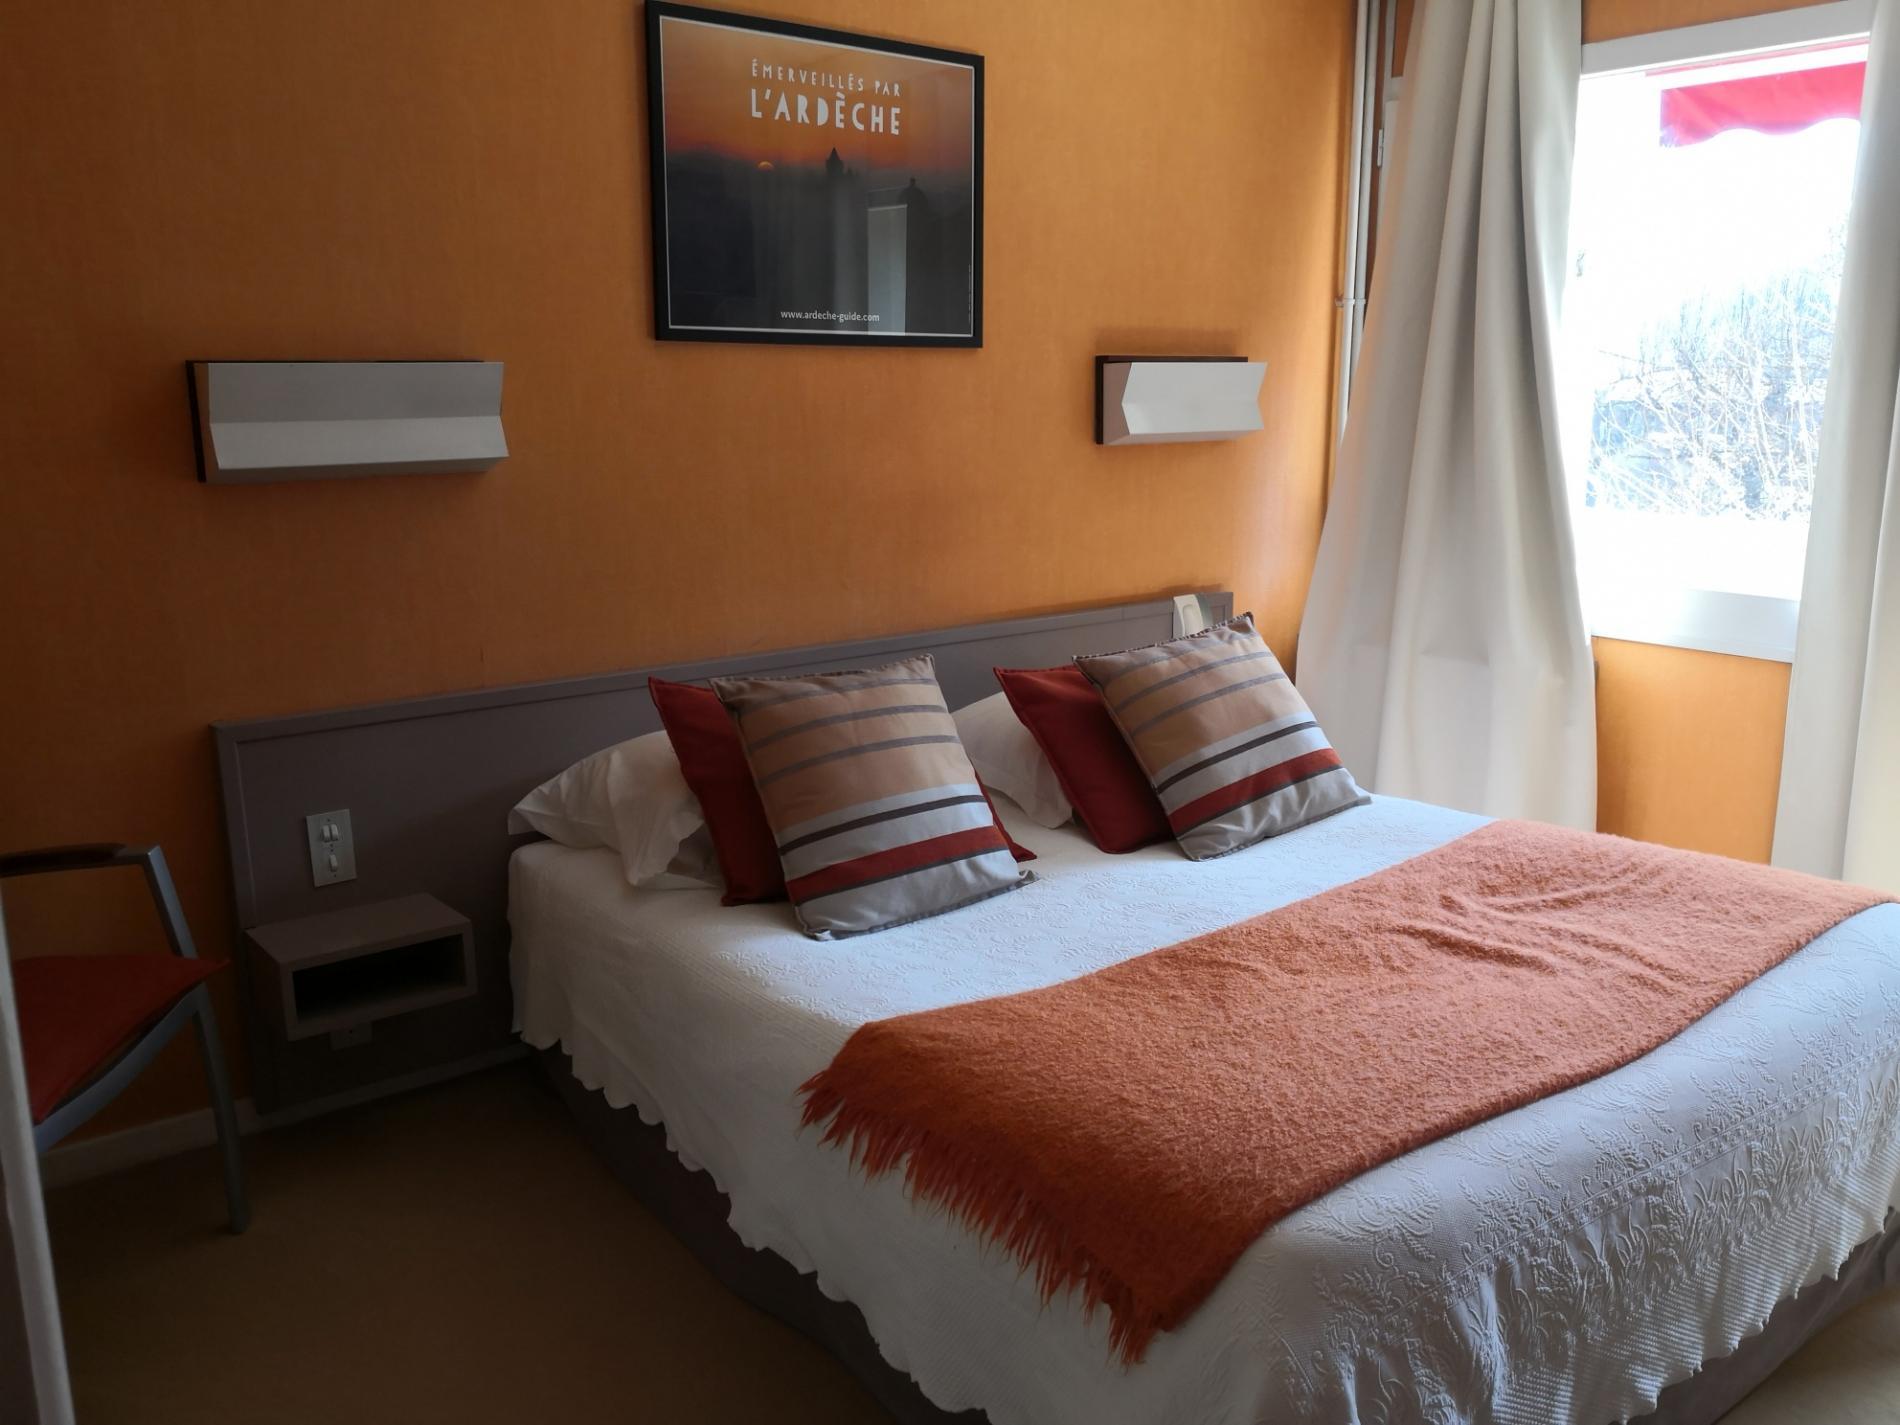 Chambres tout confort en Ardèche